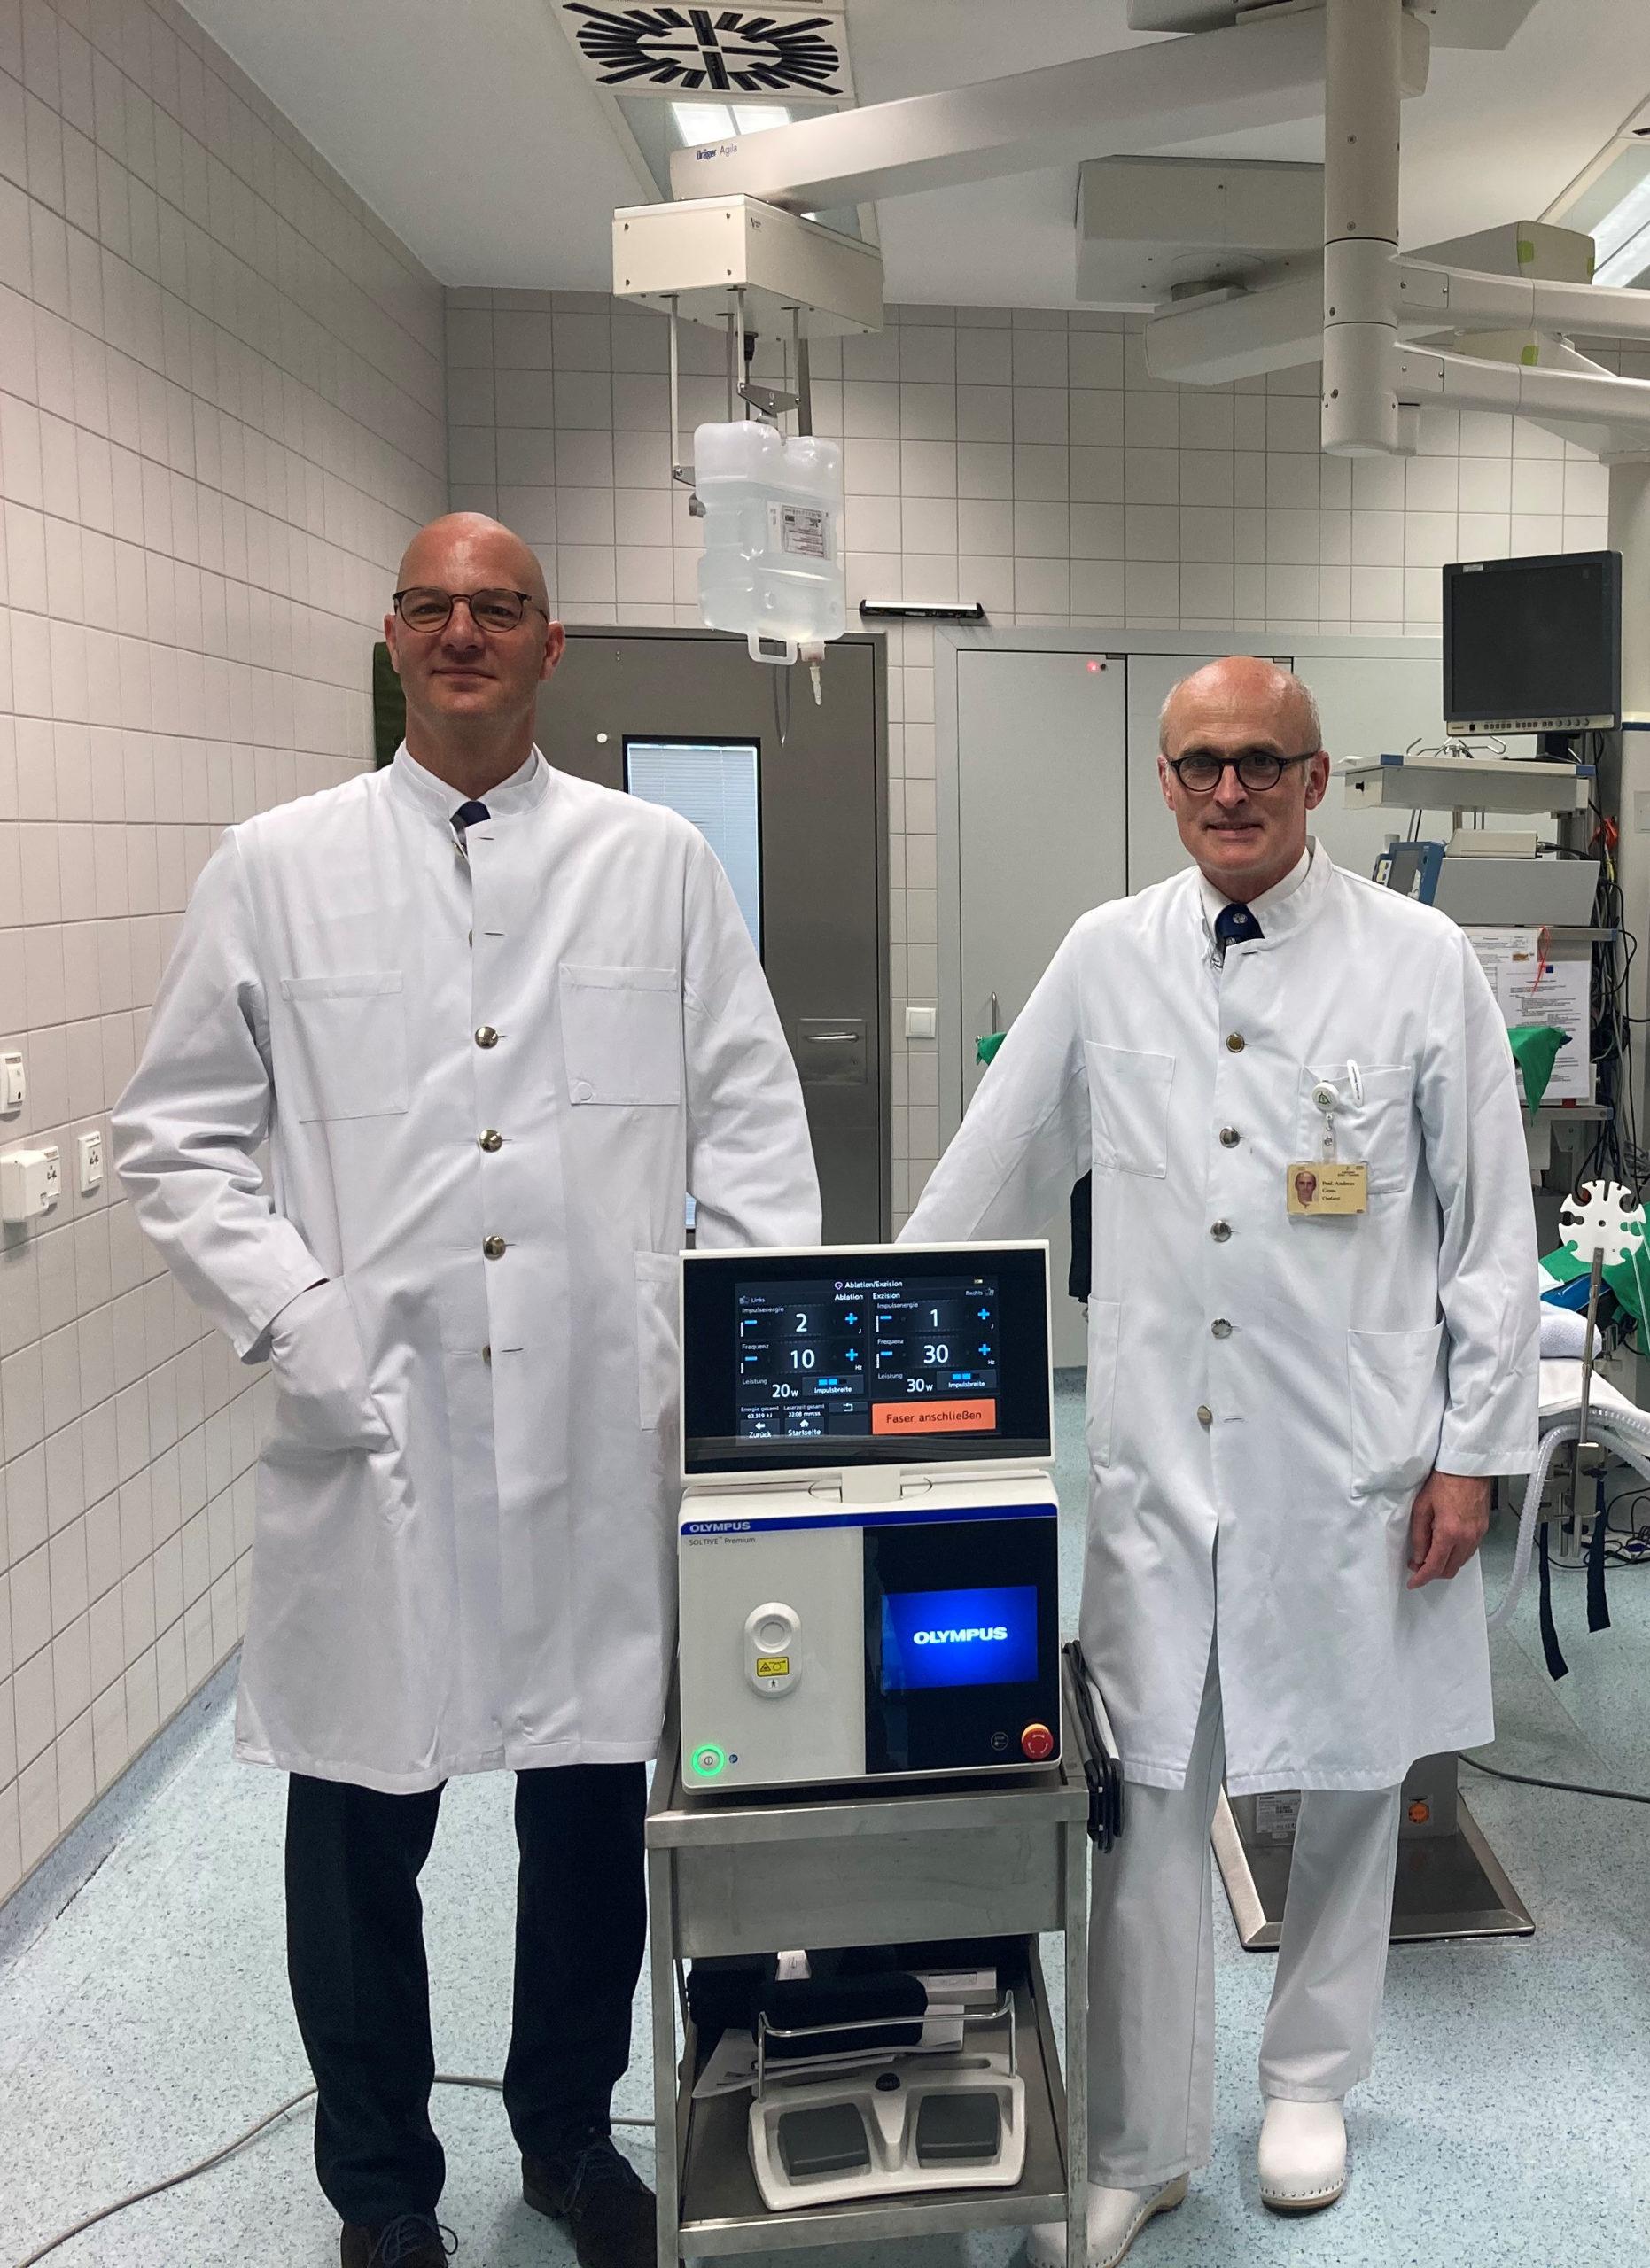 Prof. Dr. Thorsten Bach, Chefarzt Urologie im Westklinikum Hamburg (links) und Prof. Dr. Andreas Gross, Chefarzt Urologie in der Asklepios Klinik Barmbek (rechts) mit dem Soltive SuperPulsed Thulium Fiber Laser System von Olympus